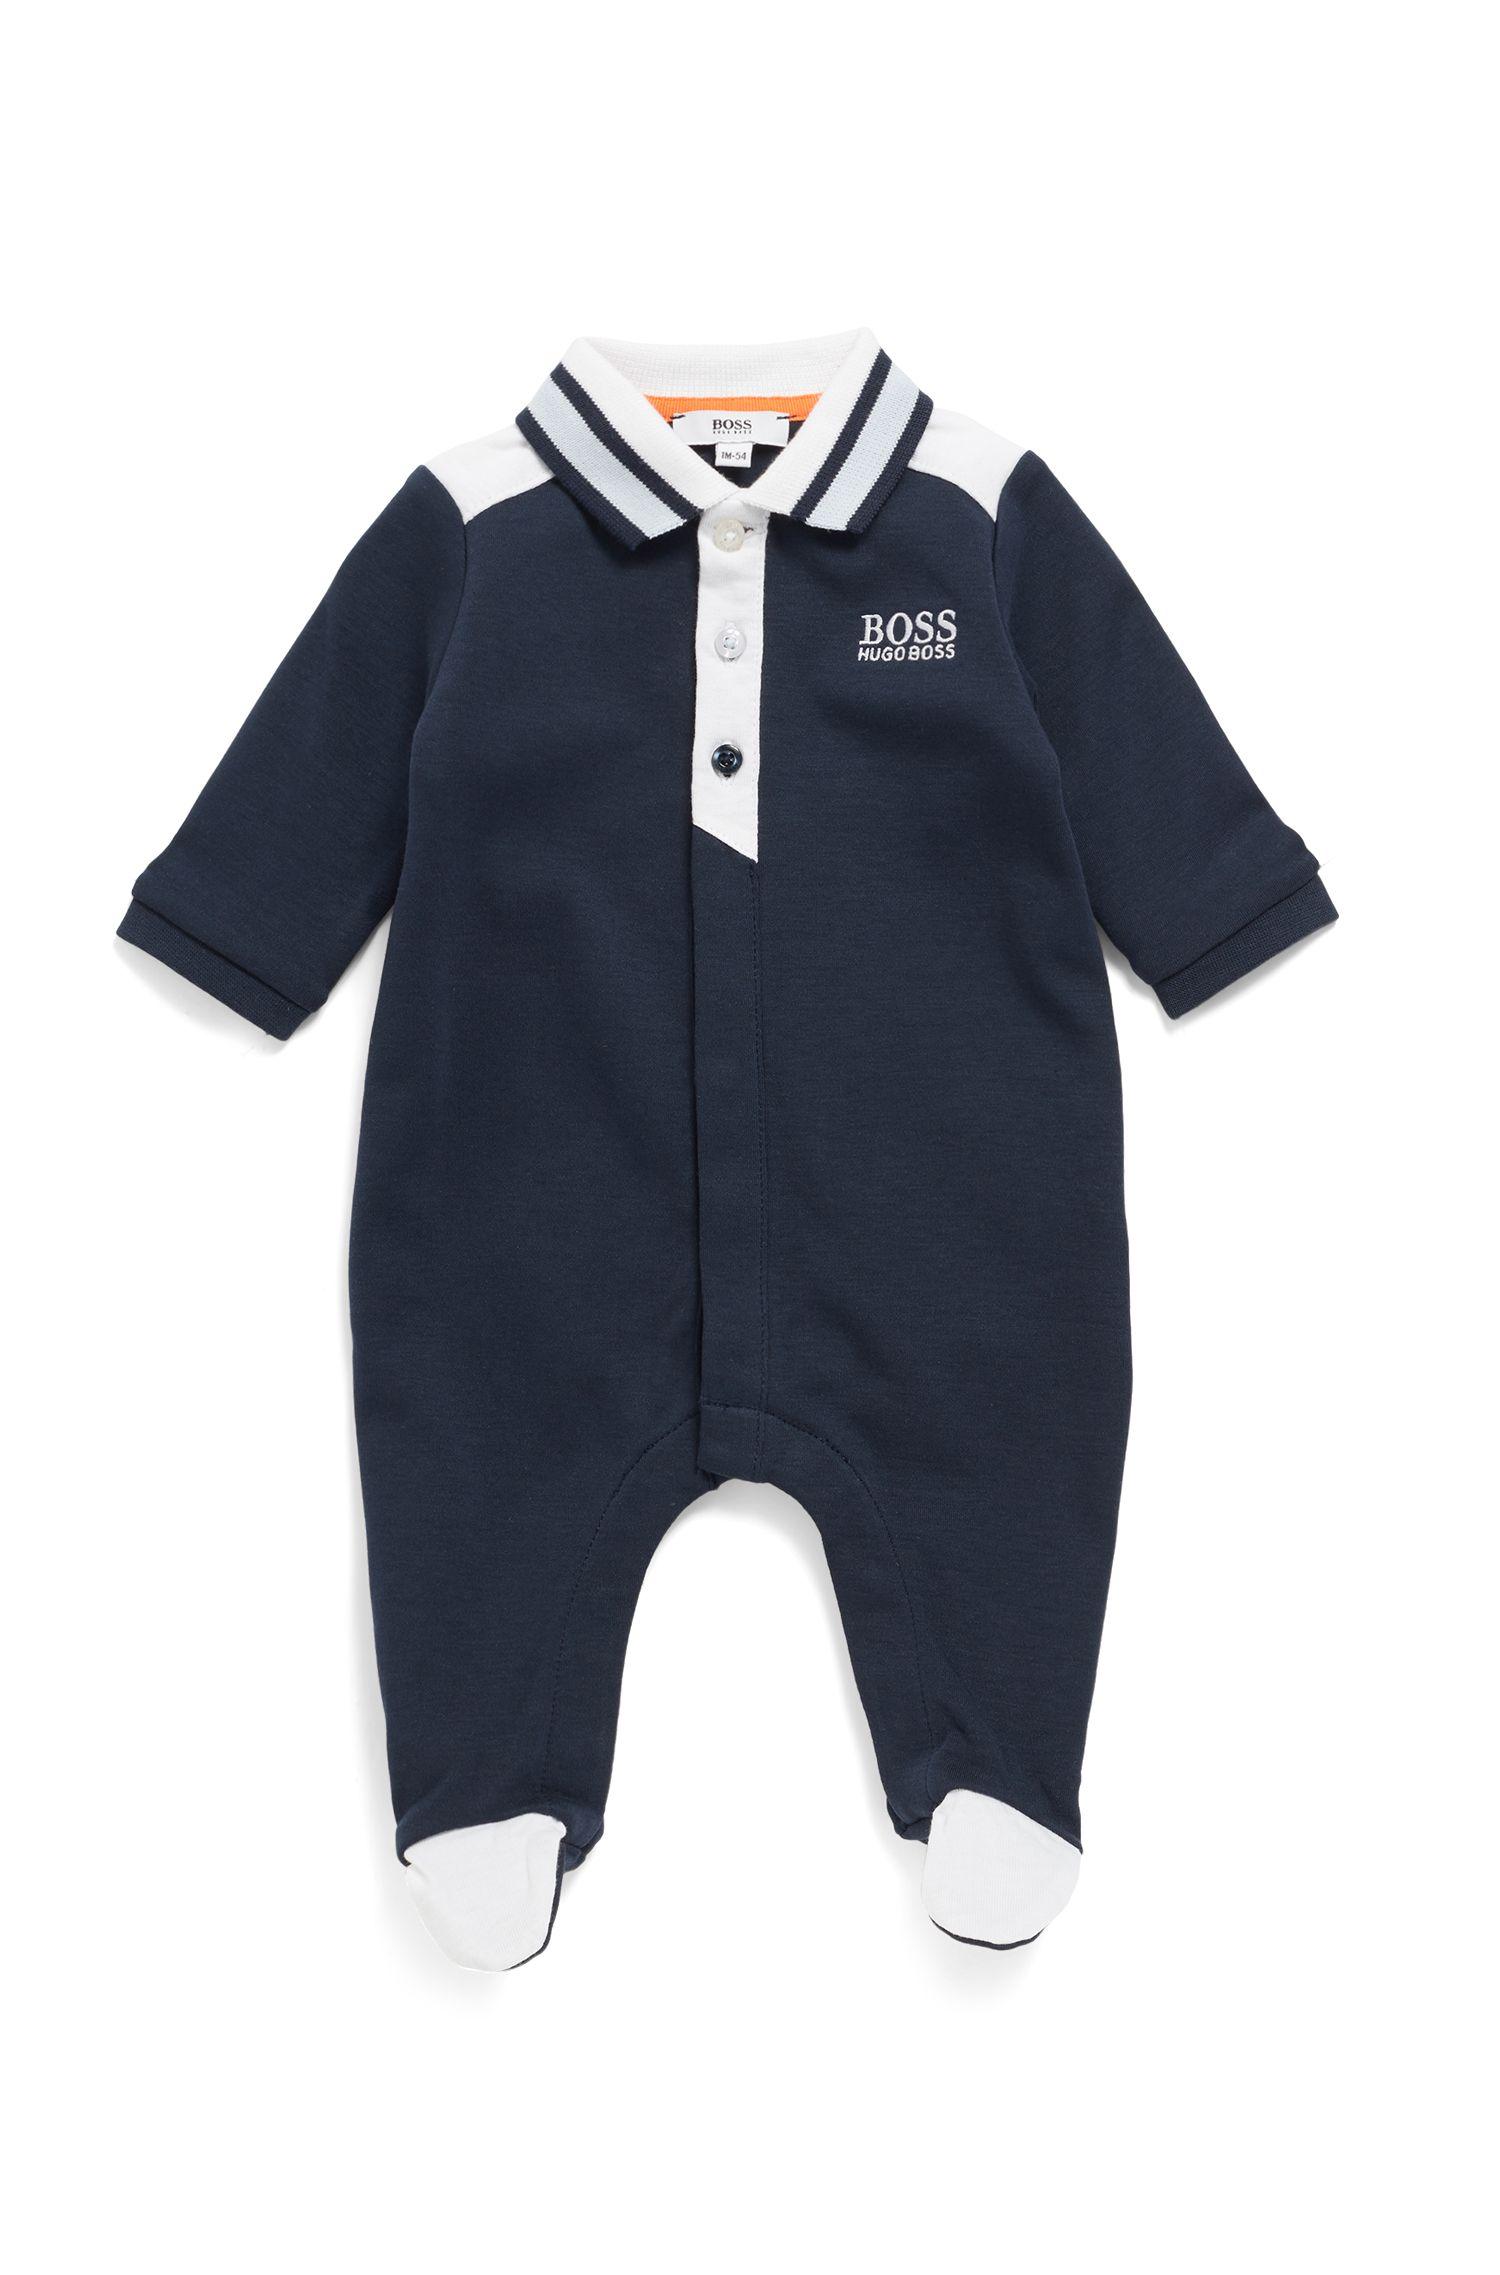 Babykruippakje van interlocked katoen met polokraag, voor jongetjes, Donkerblauw